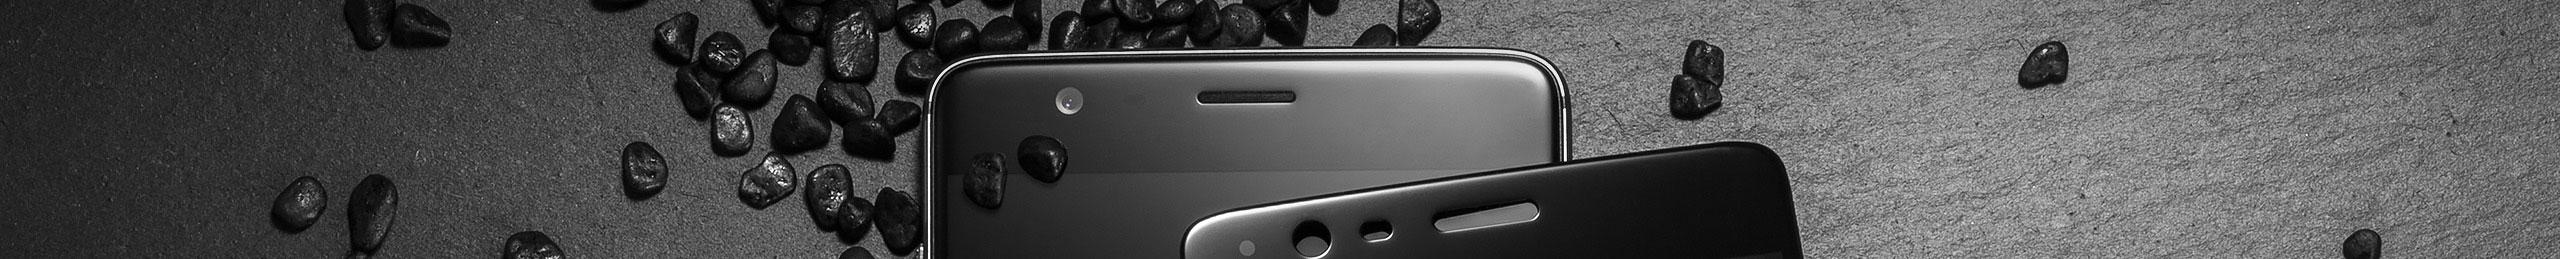 一加手机3钢化3D玻璃保护膜(黑色) 24